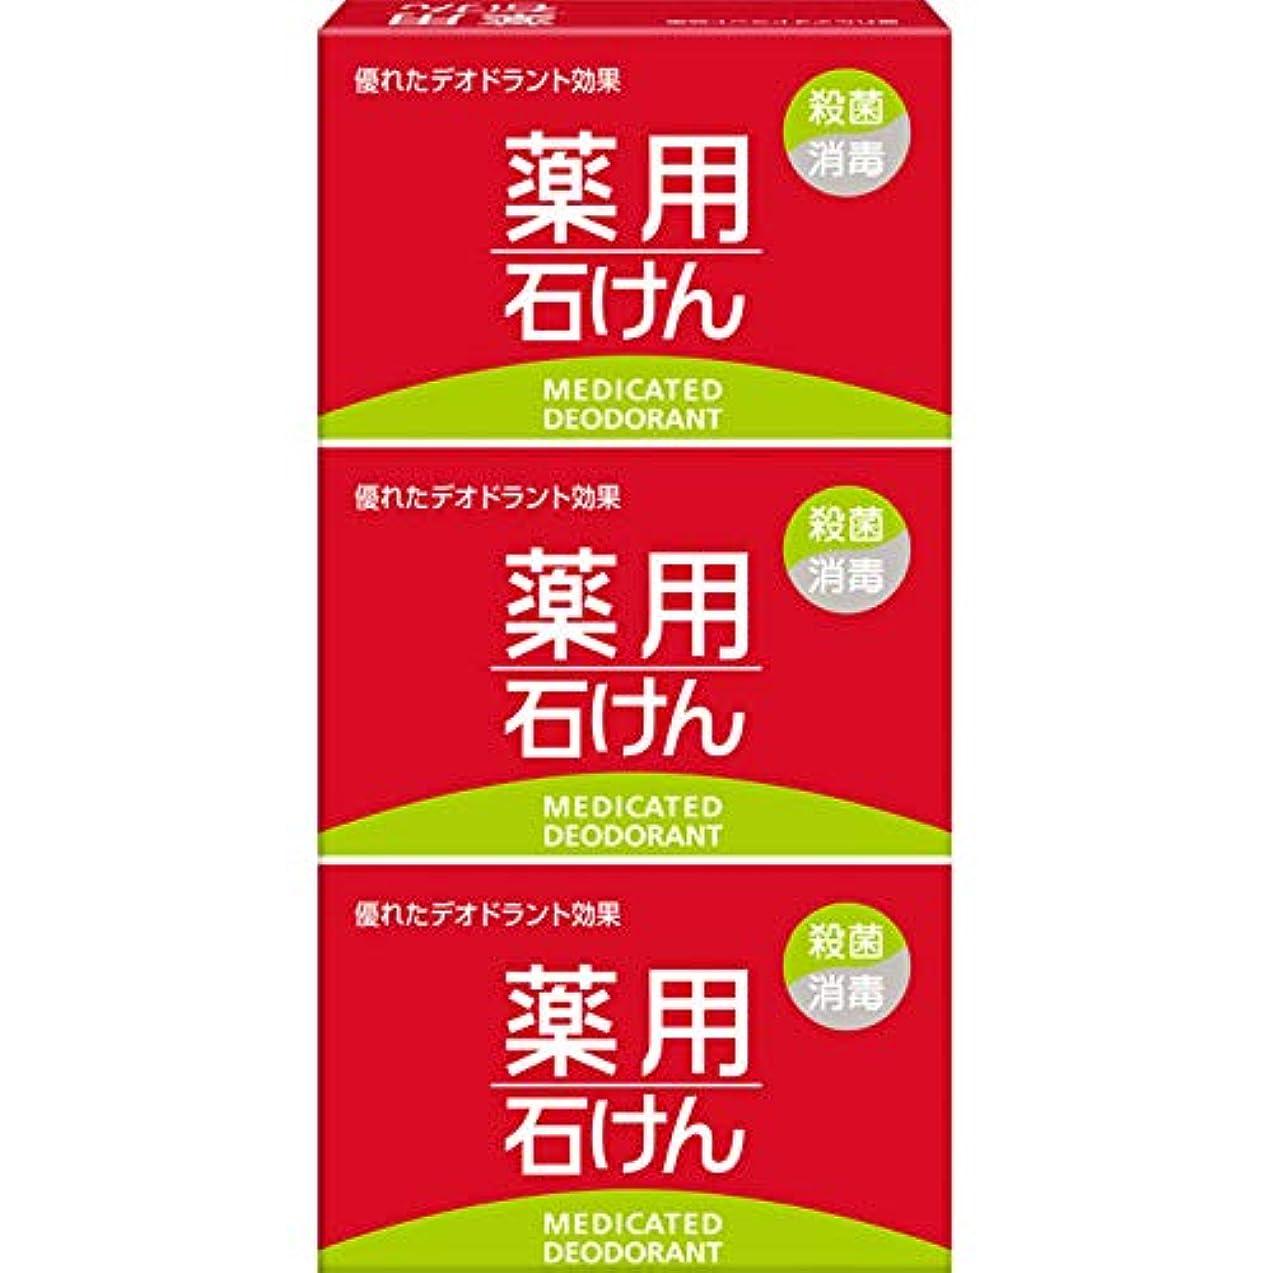 中毒一貫した自治的薬用石けん 100g×3個 (医薬部外品)